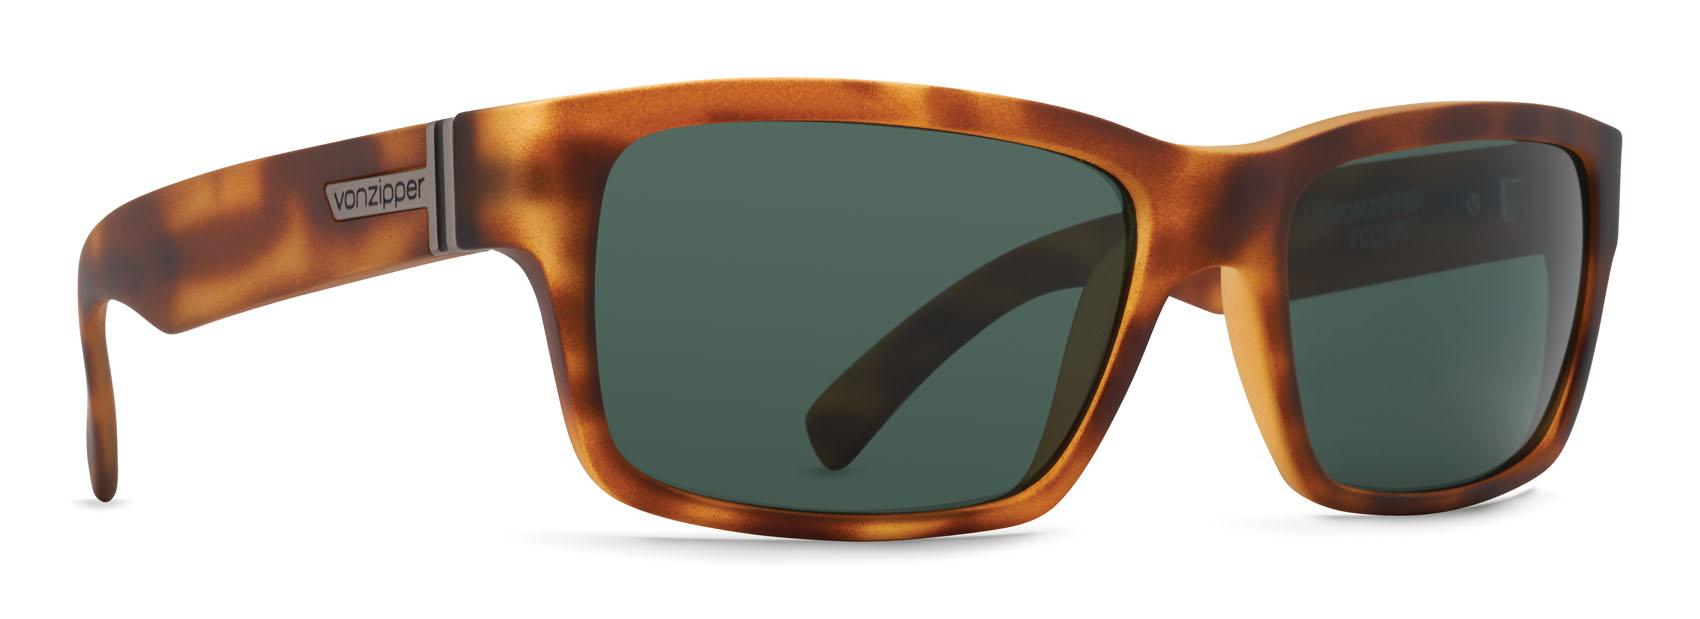 190878ff27 VonZipper Fulton Sunglasses Tortoise Satin Vintage Grey ...